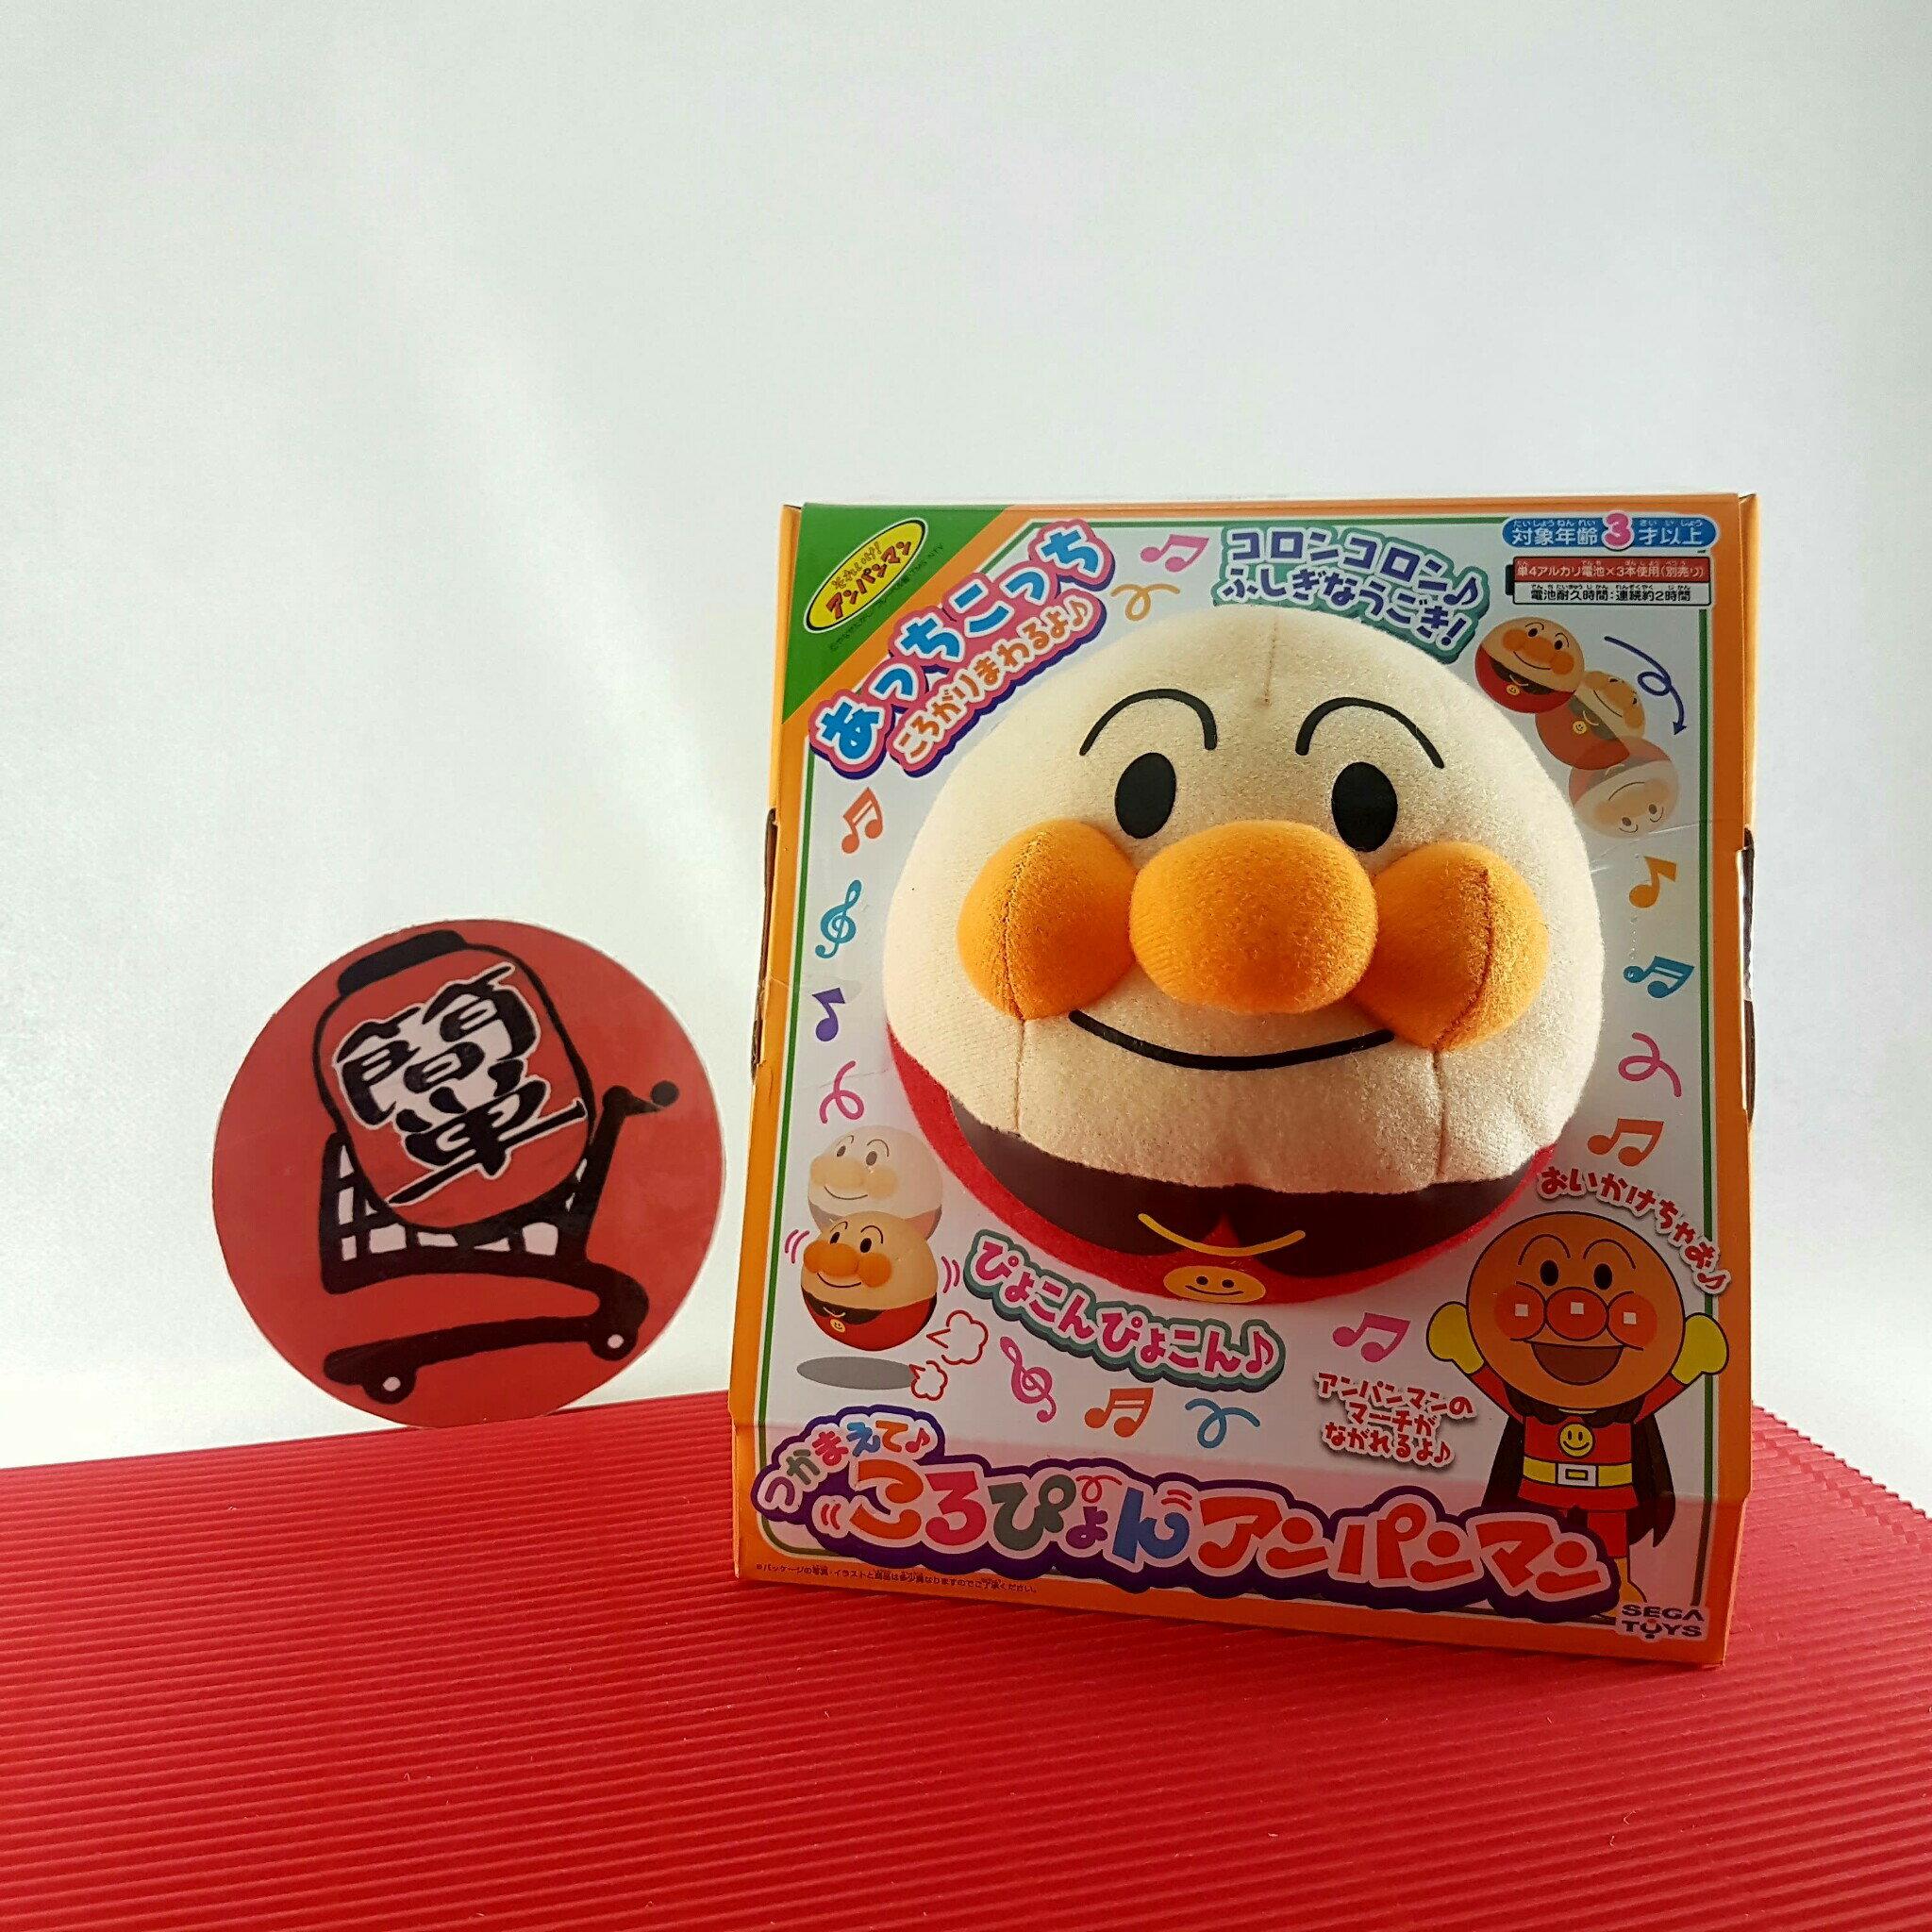 『日本代購品』麵包超人動感球 電動搖搖球 跳跳球